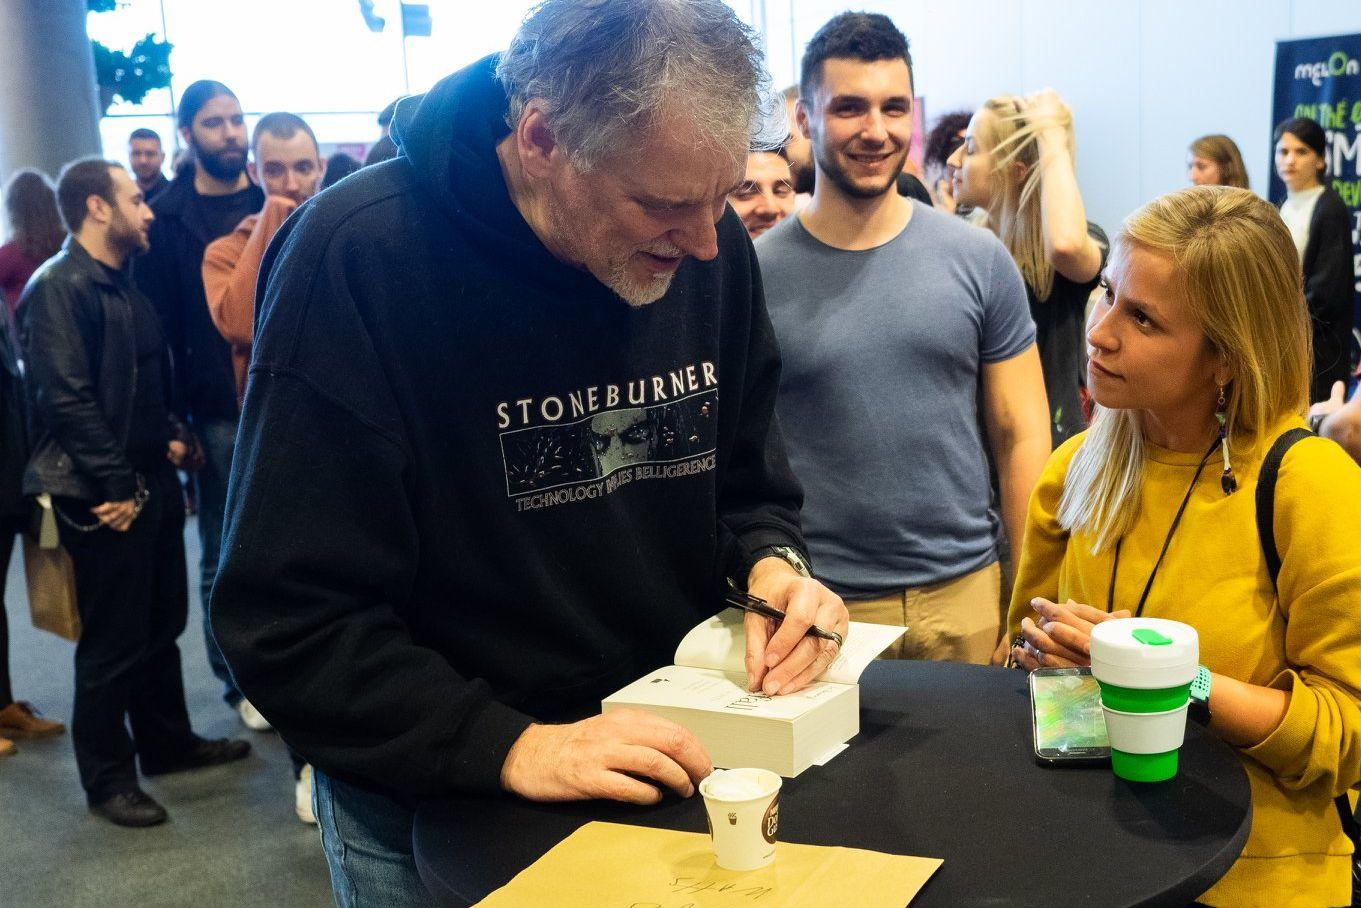 Питер Уоттс дает автографы. Фото из блога Питера Уоттса rifters.com